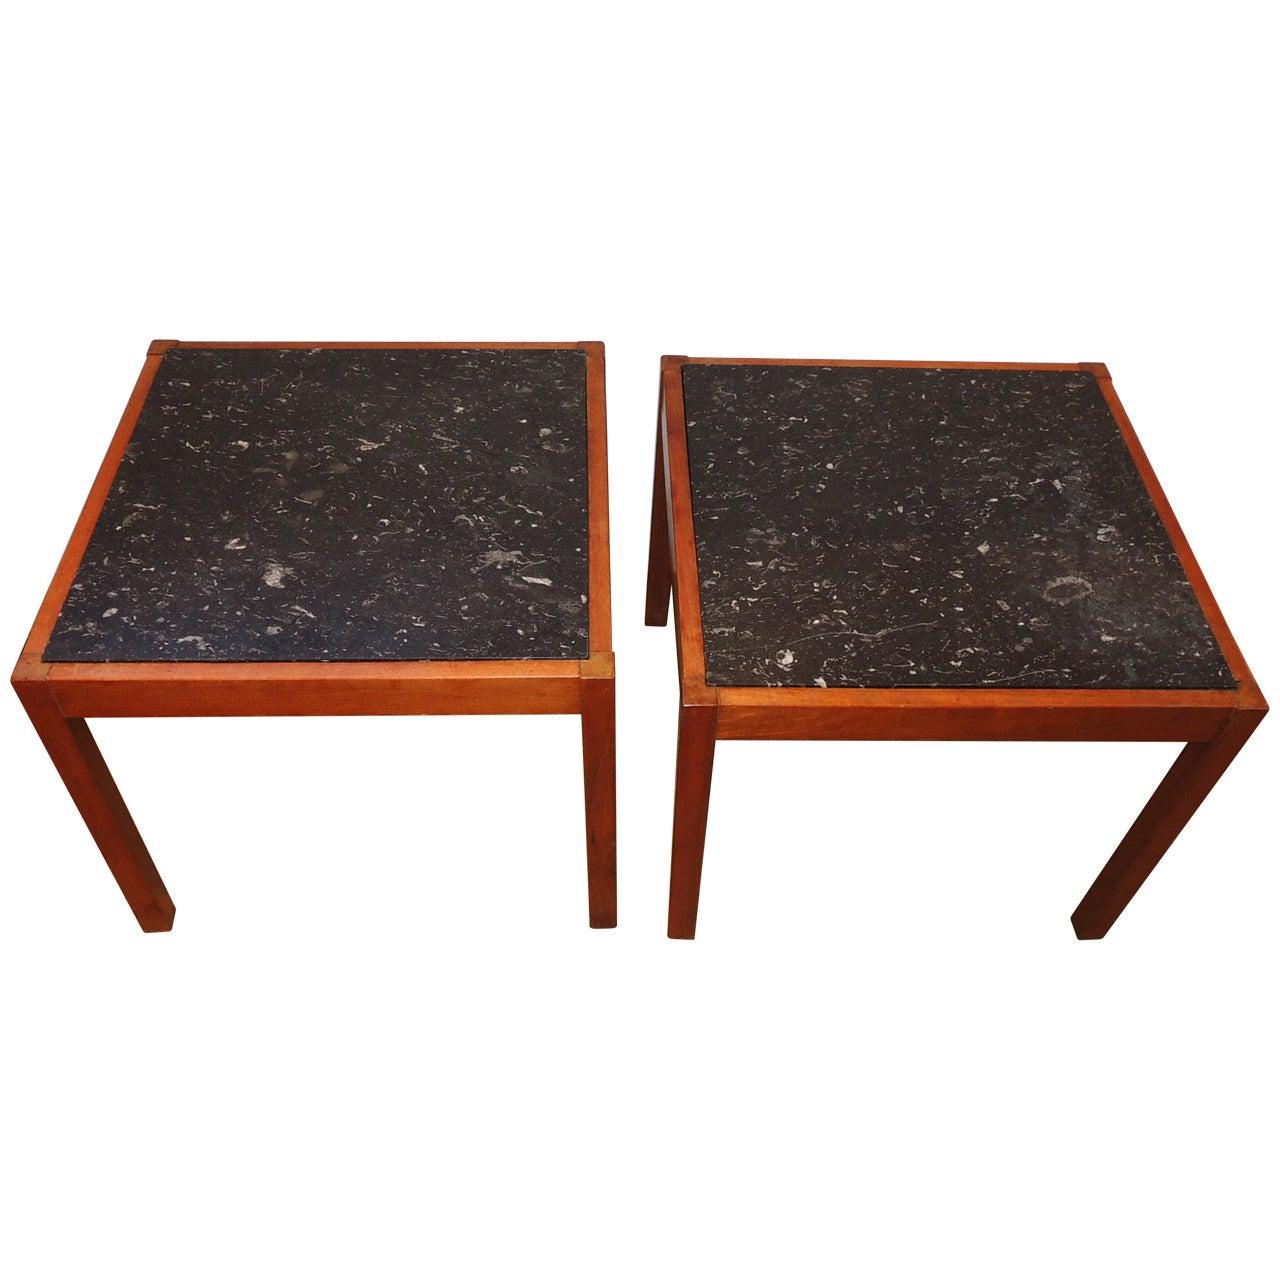 Pair of Teak and Belgian Black Limestone Side Tables